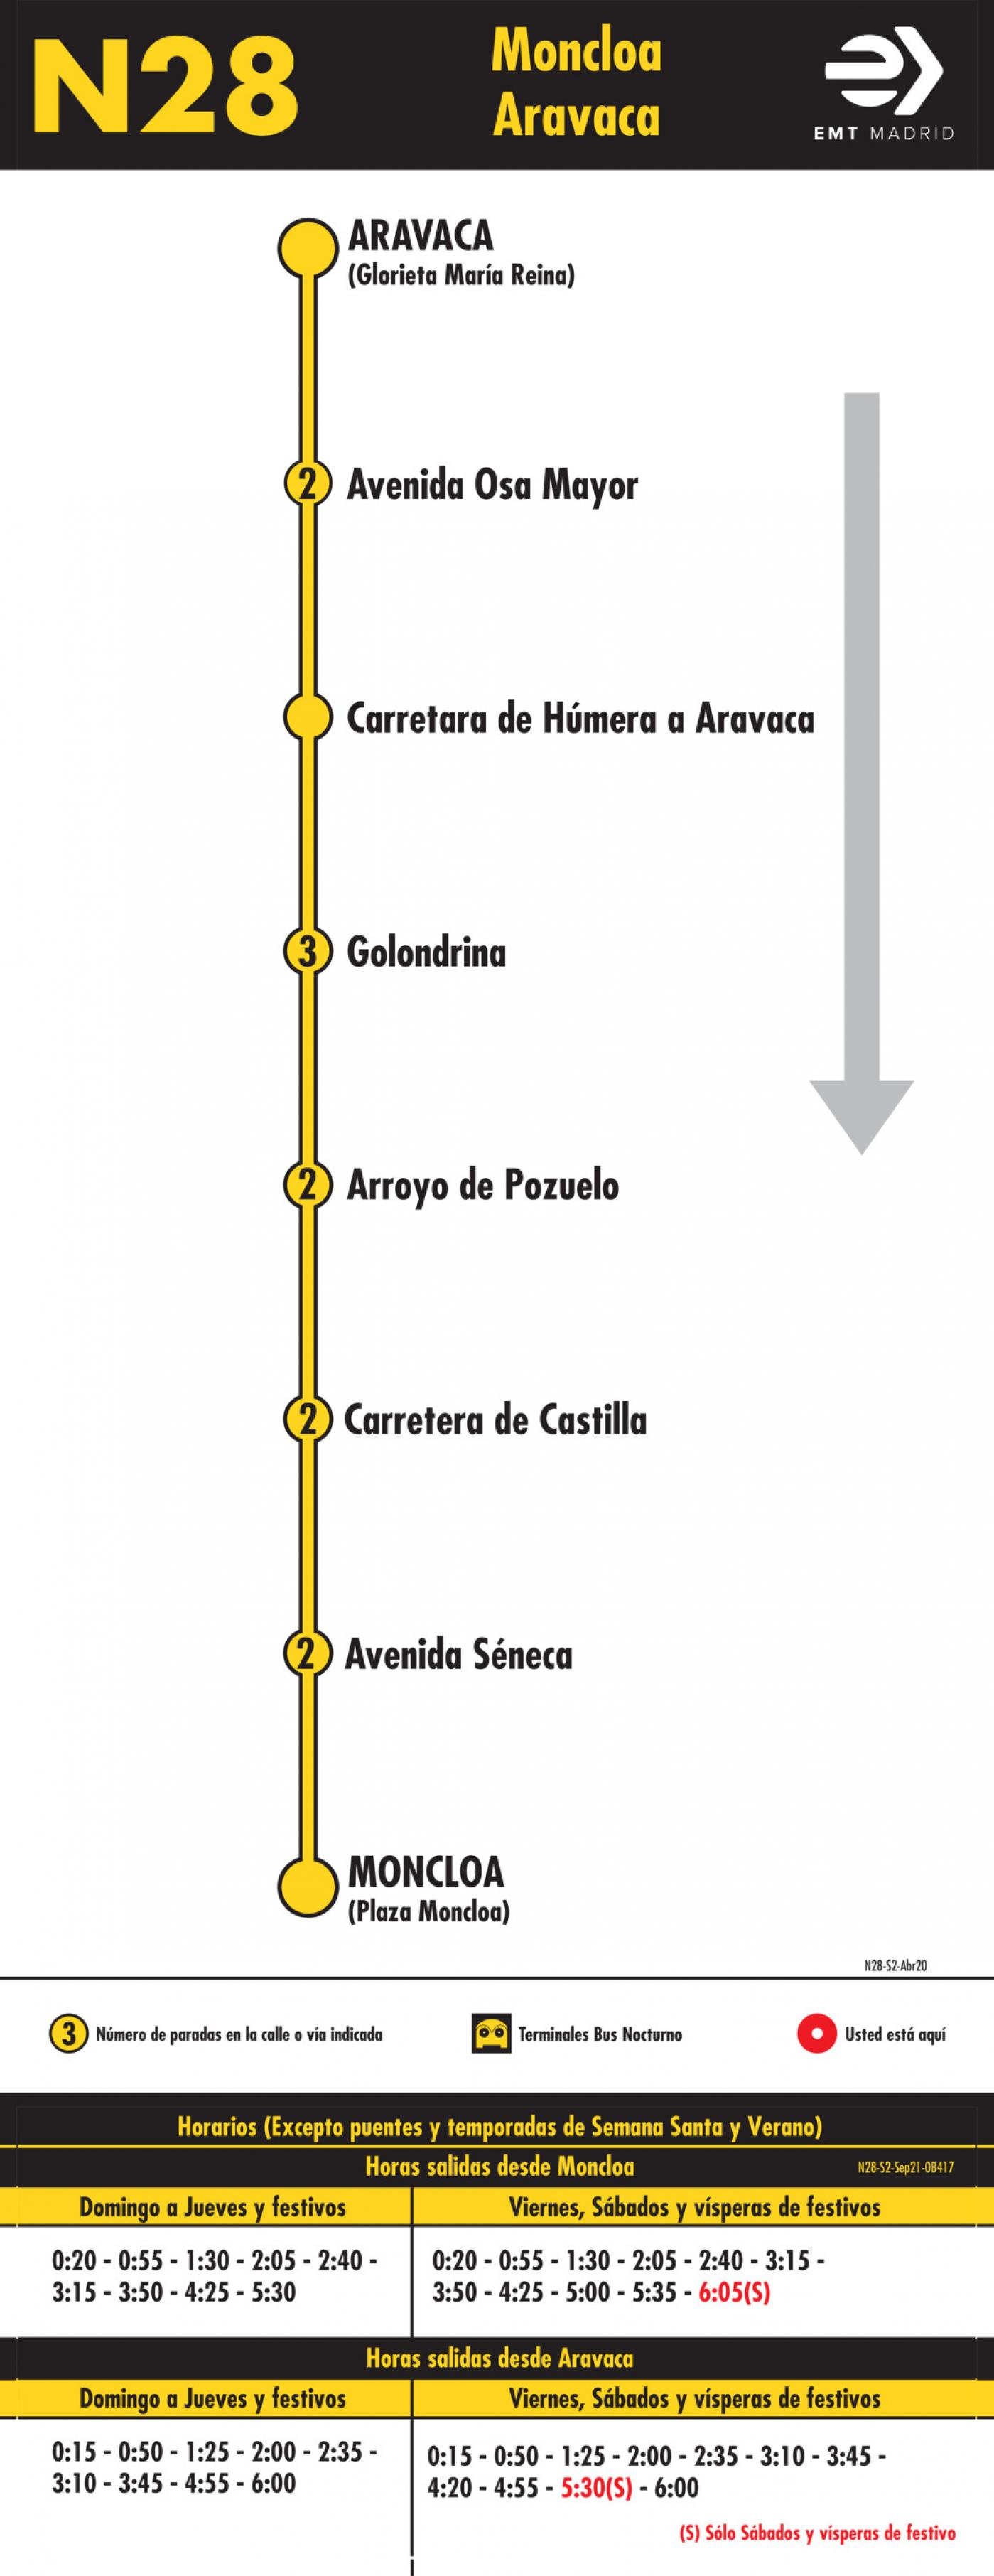 Tabla de horarios y frecuencias de paso en sentido vuelta Línea N28: Moncloa - Aravaca